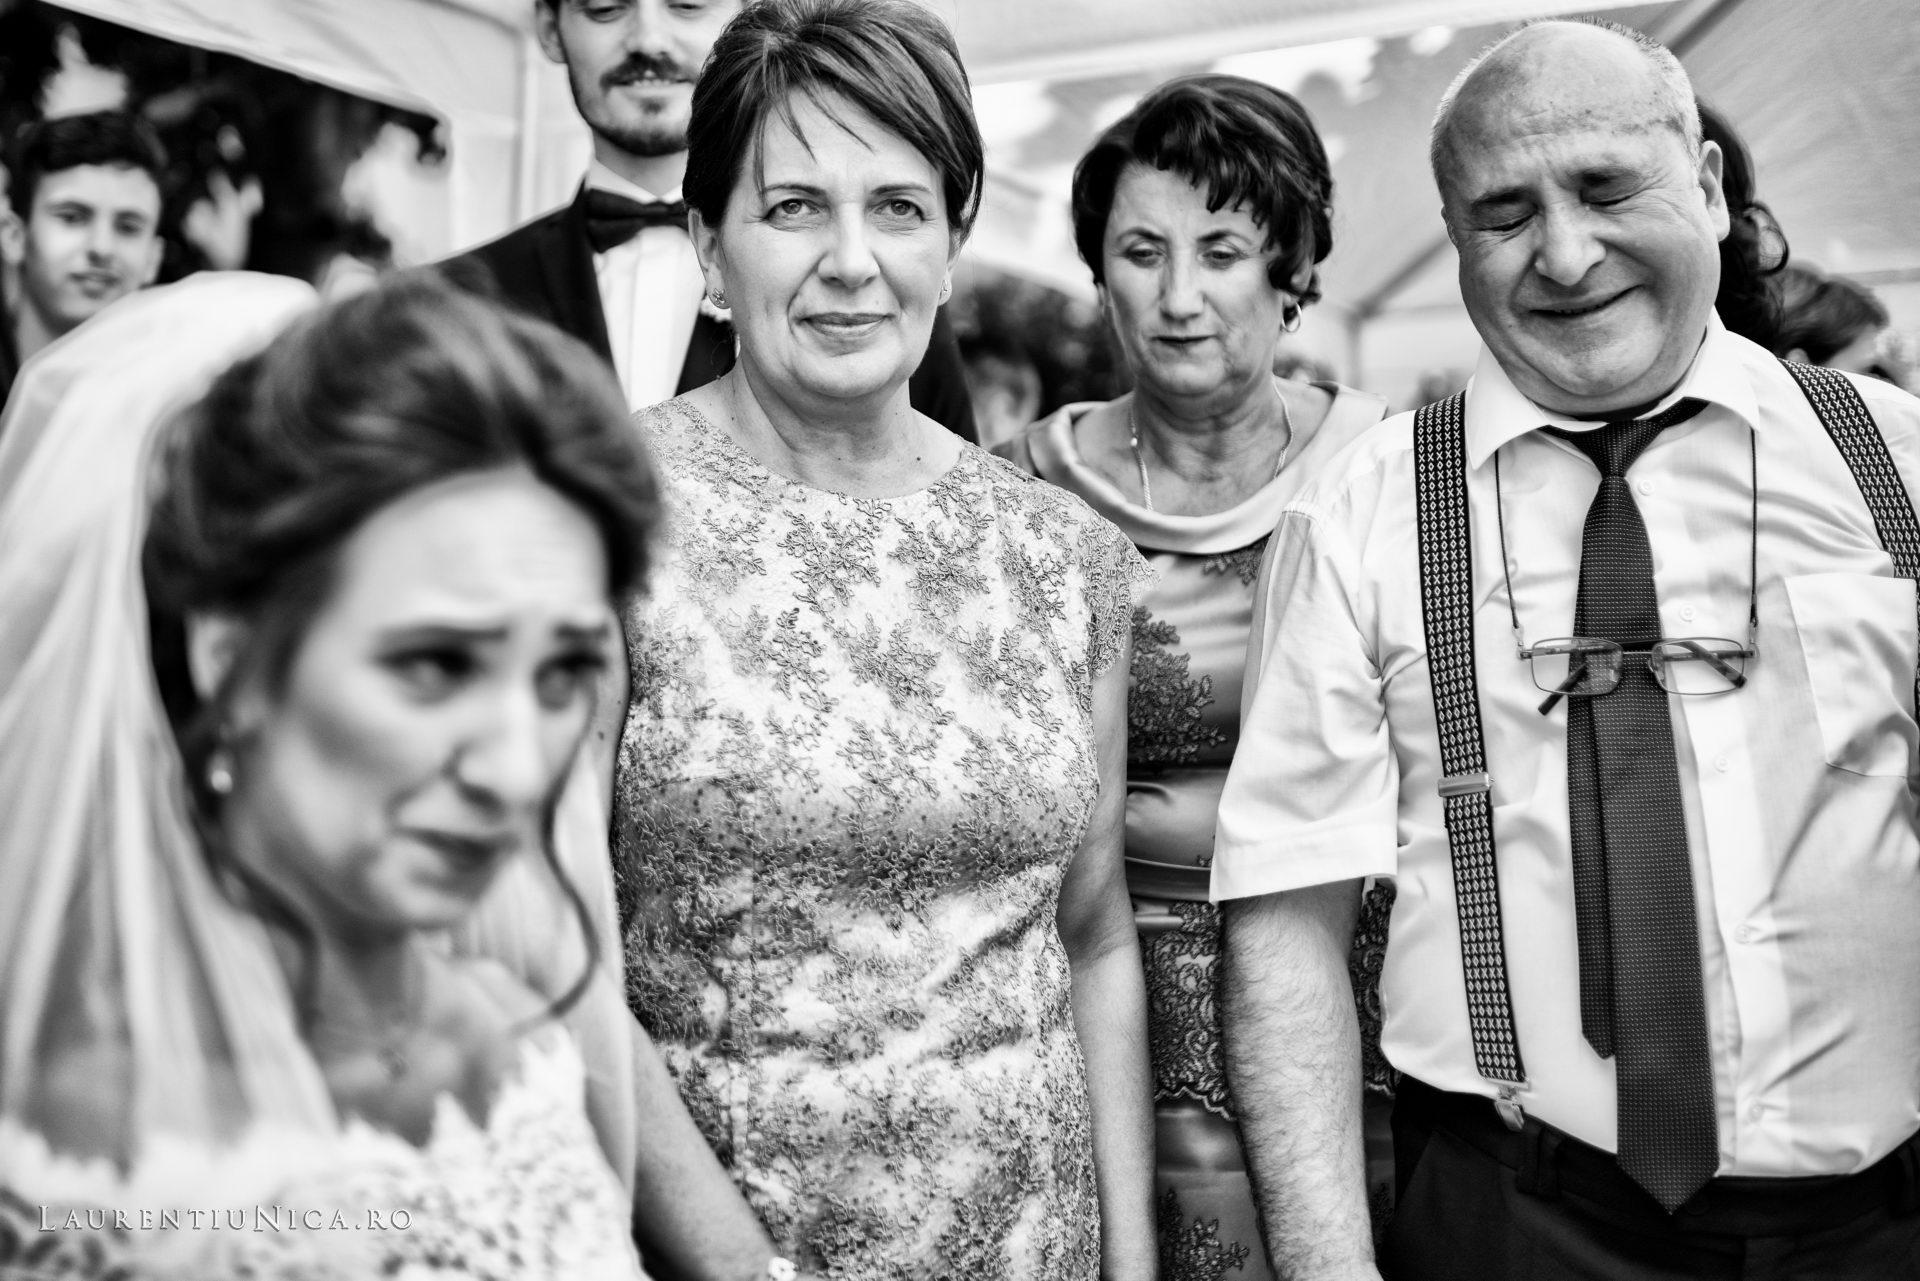 Cristina si Ovidiu nunta Craiova fotograf laurentiu nica 082 - Cristina & Ovidiu | Fotografii nunta | Craiova